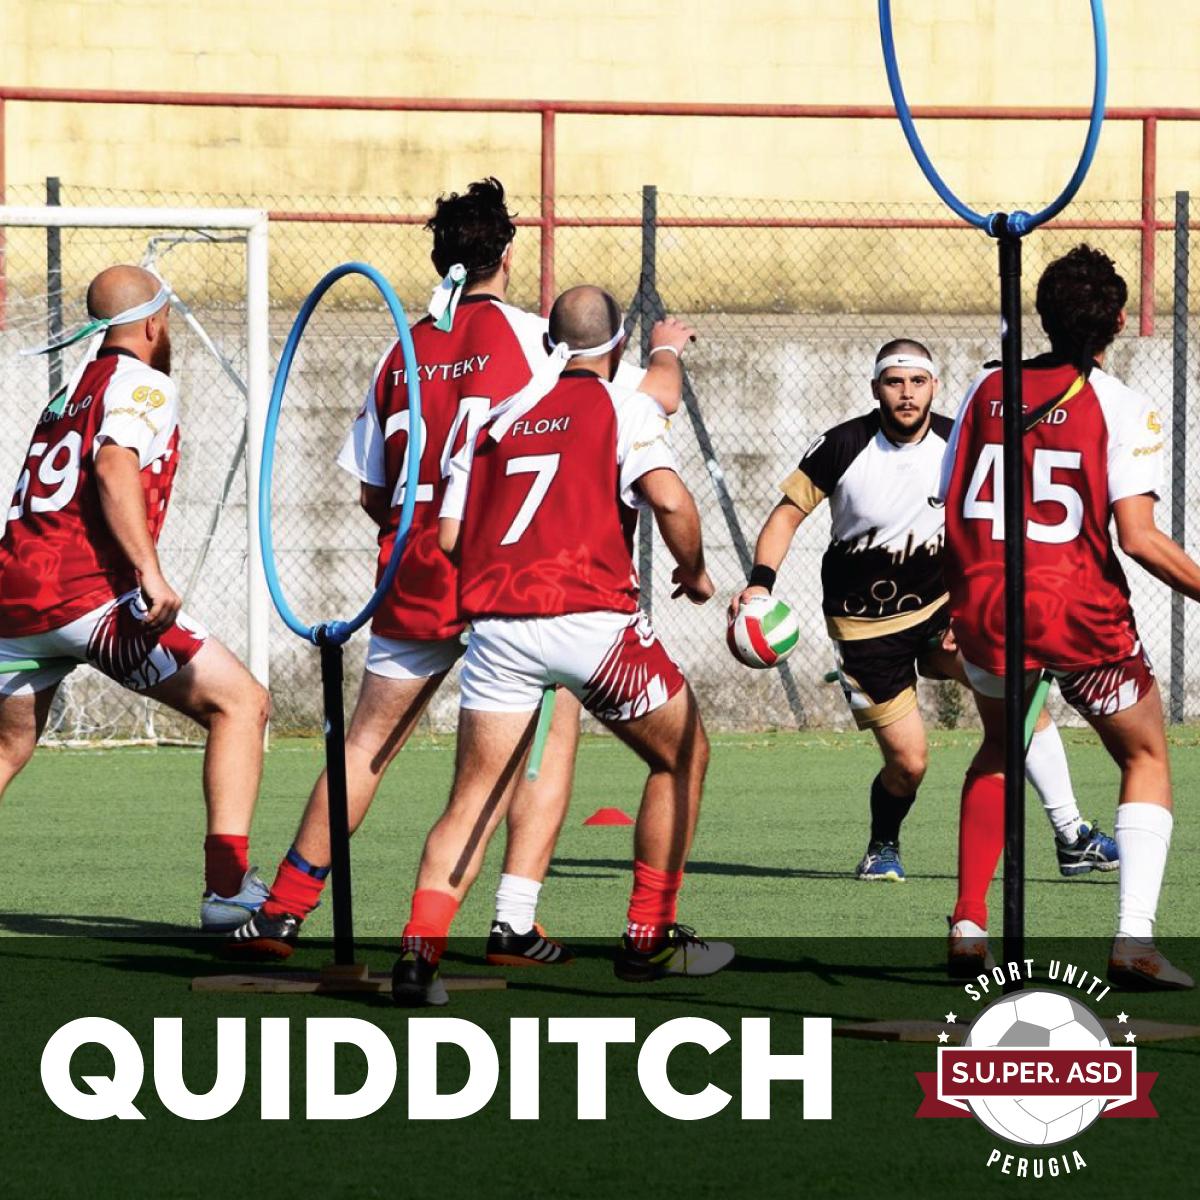 S.U.PER. ASD - Quidditch